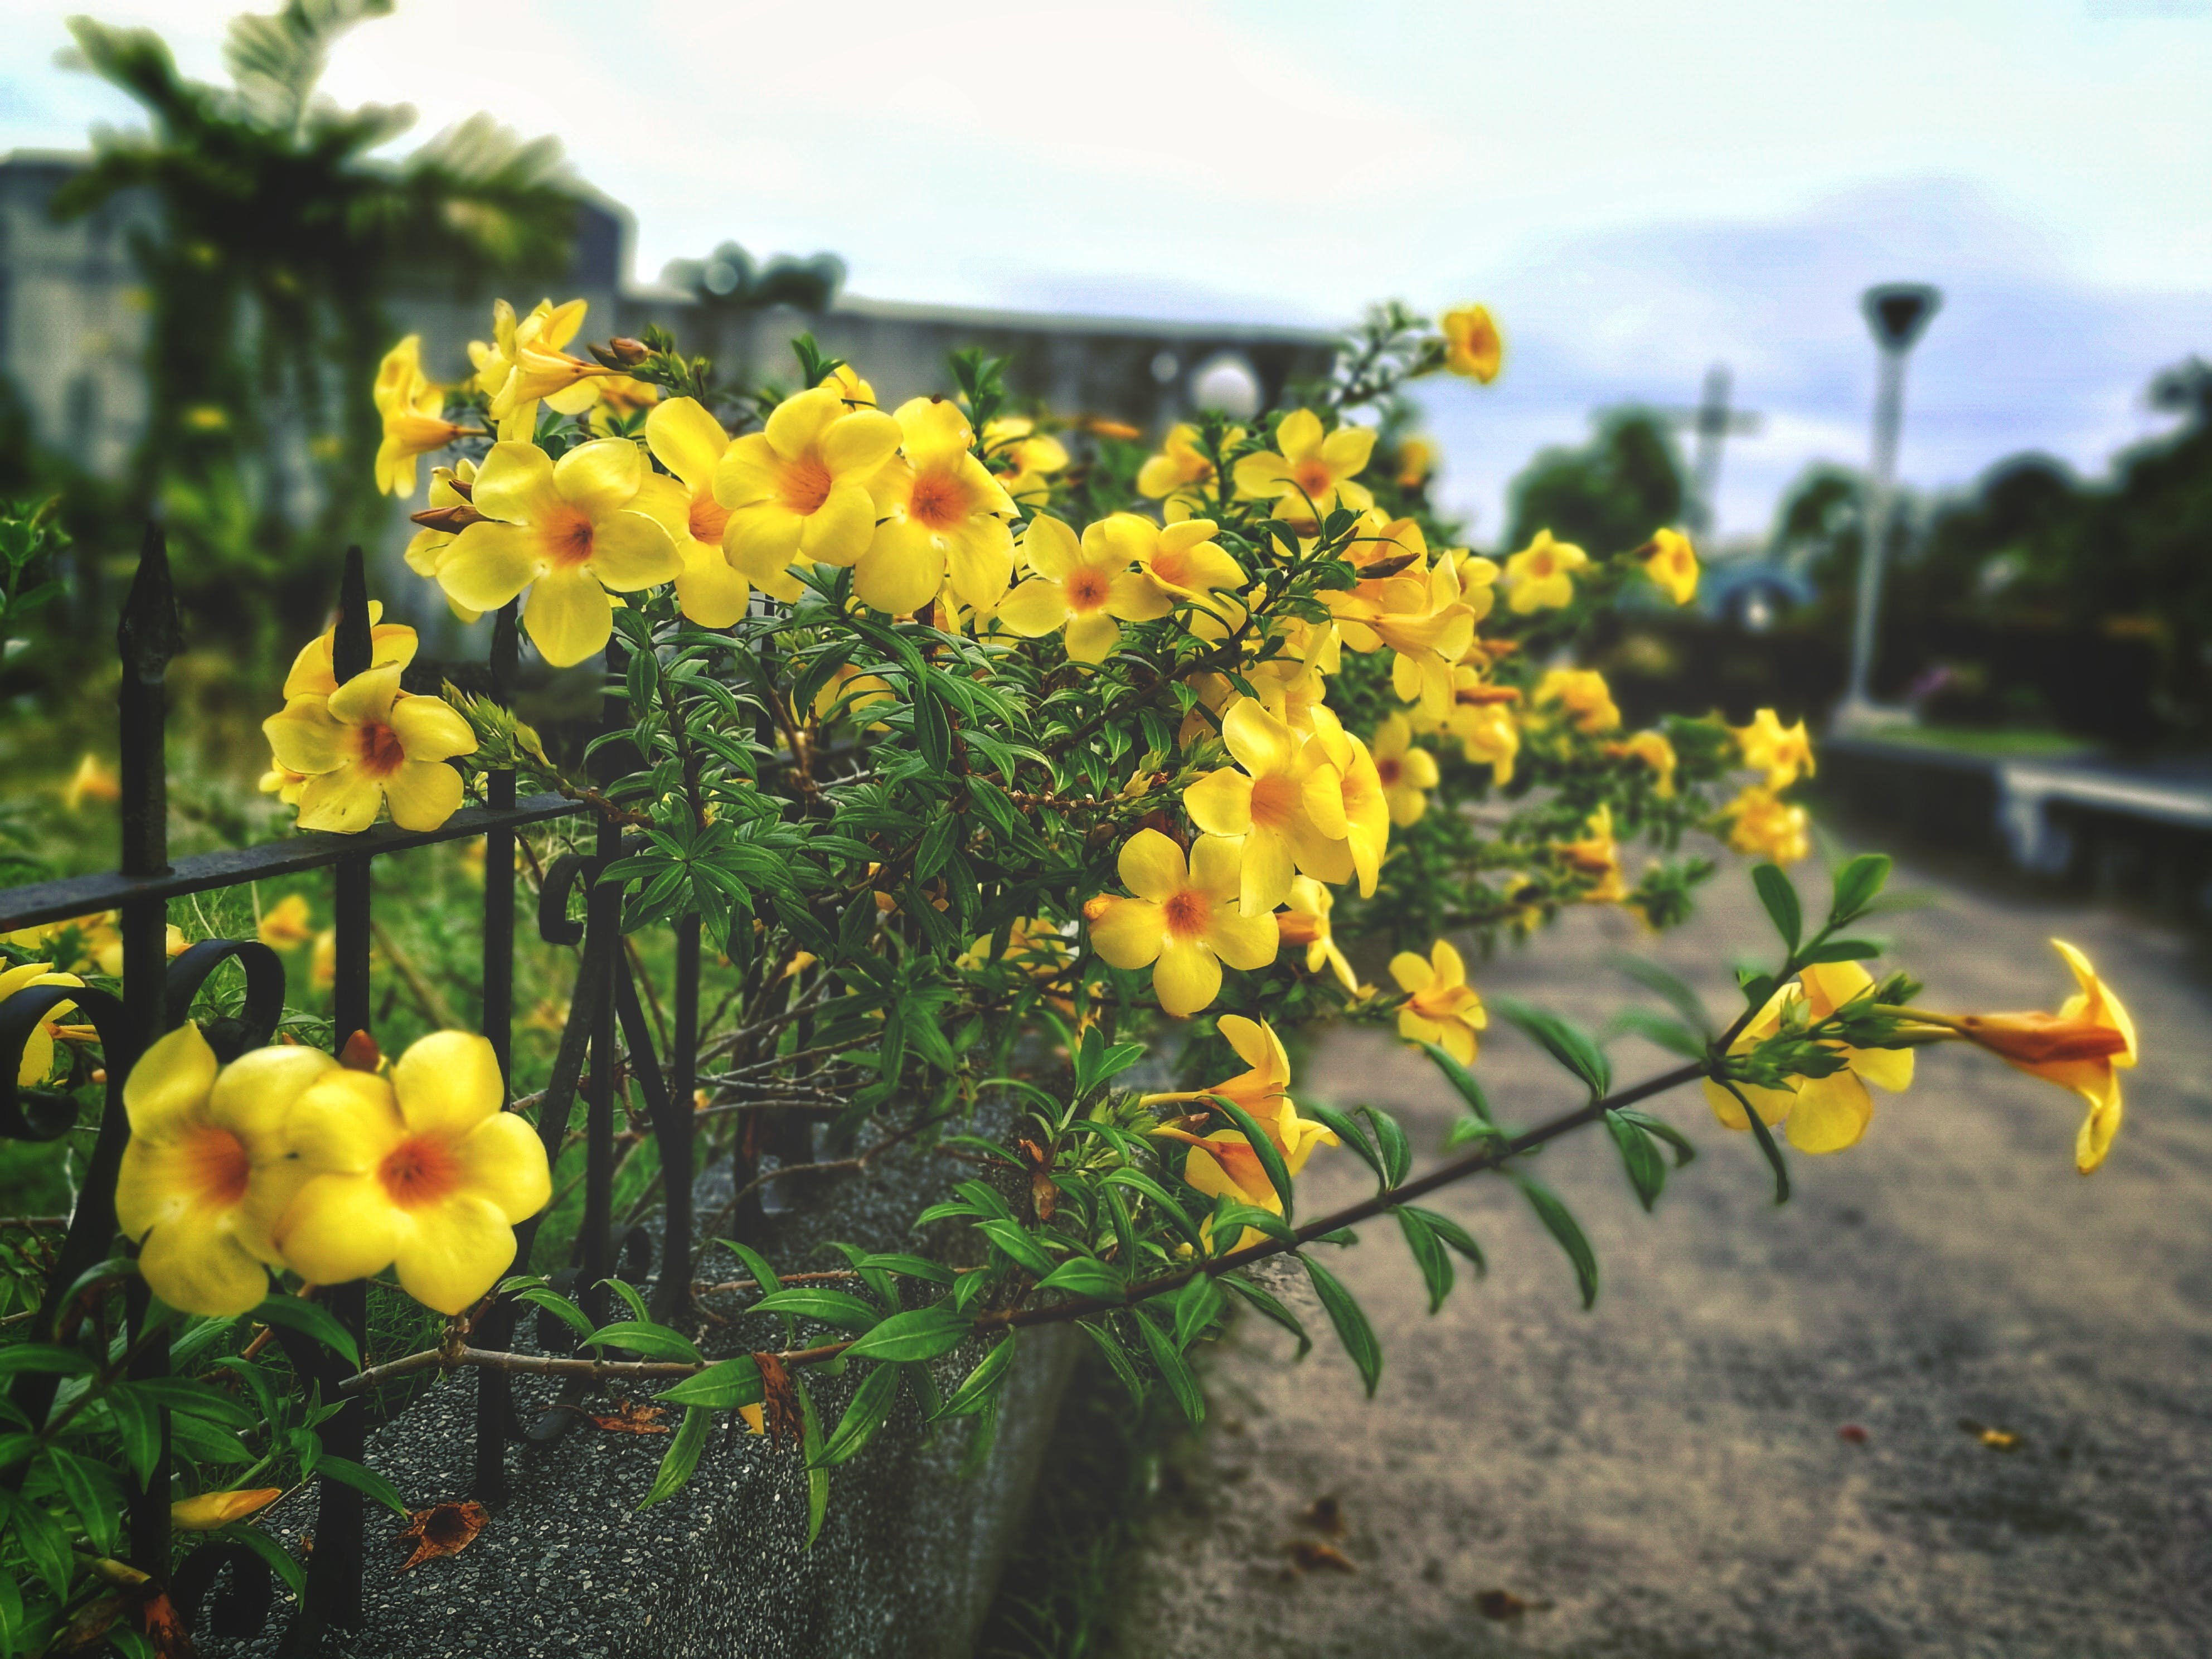 Free stock photo of yellow, yellow flowers, flower garden, beautiful flowers